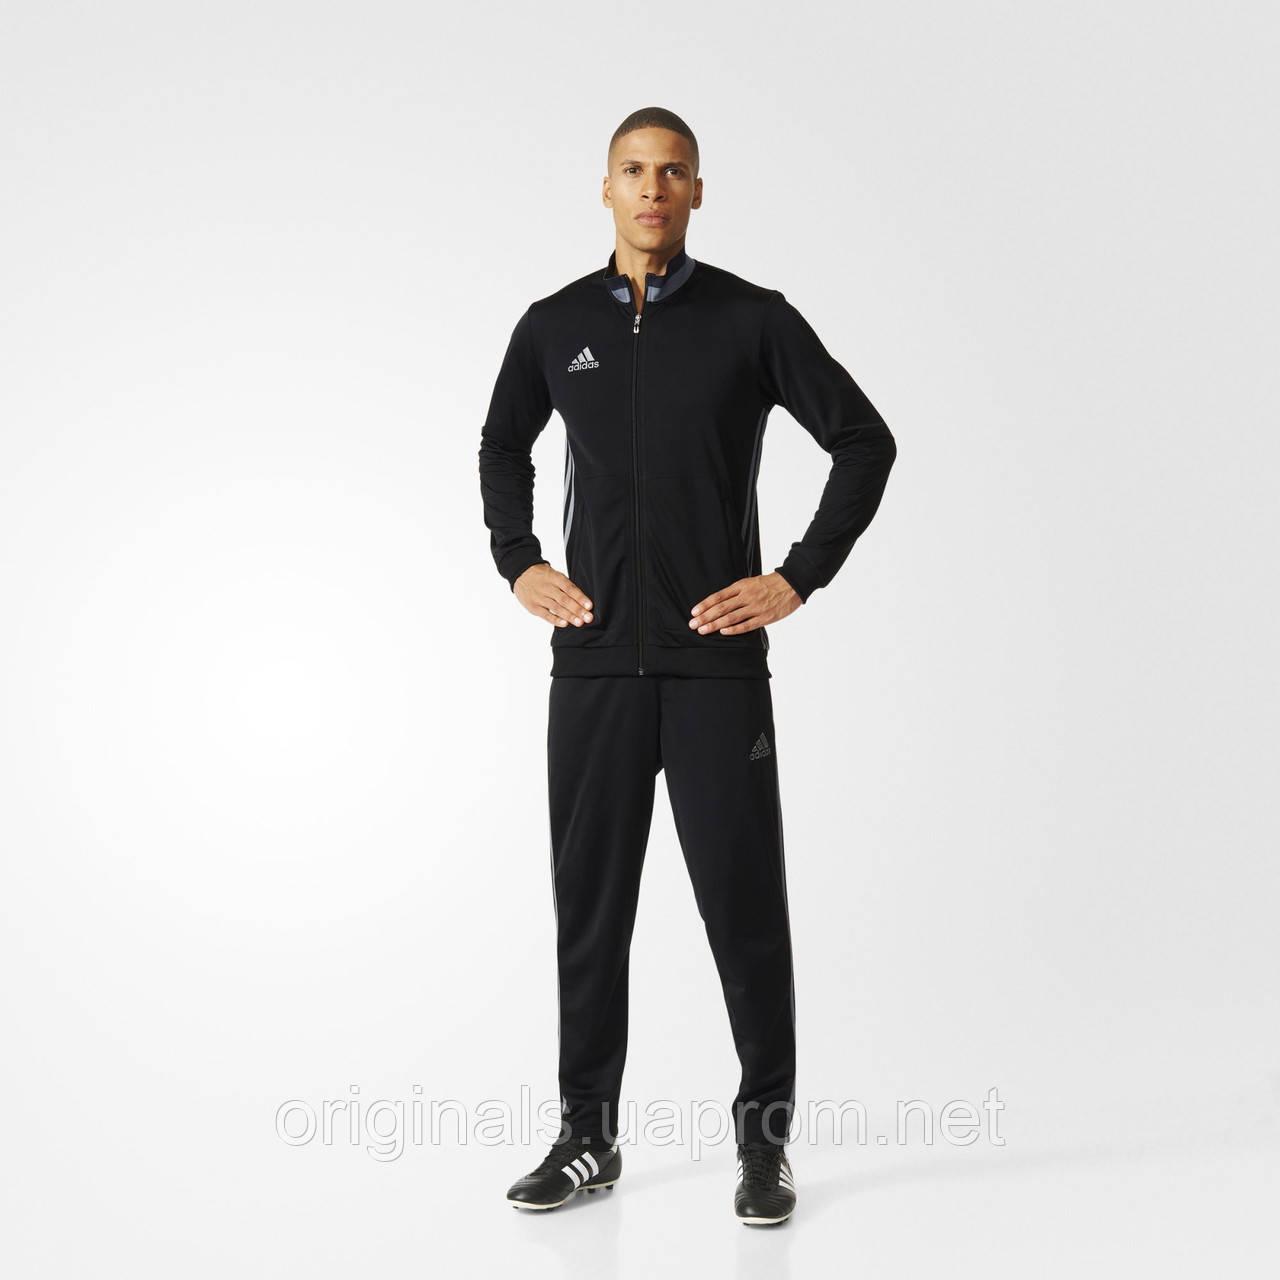 Спортивный костюм для мужчин adidas Condivo16 Track Suit AN9831 -  интернет-магазин Originals - Оригинальный 11560f70aa8